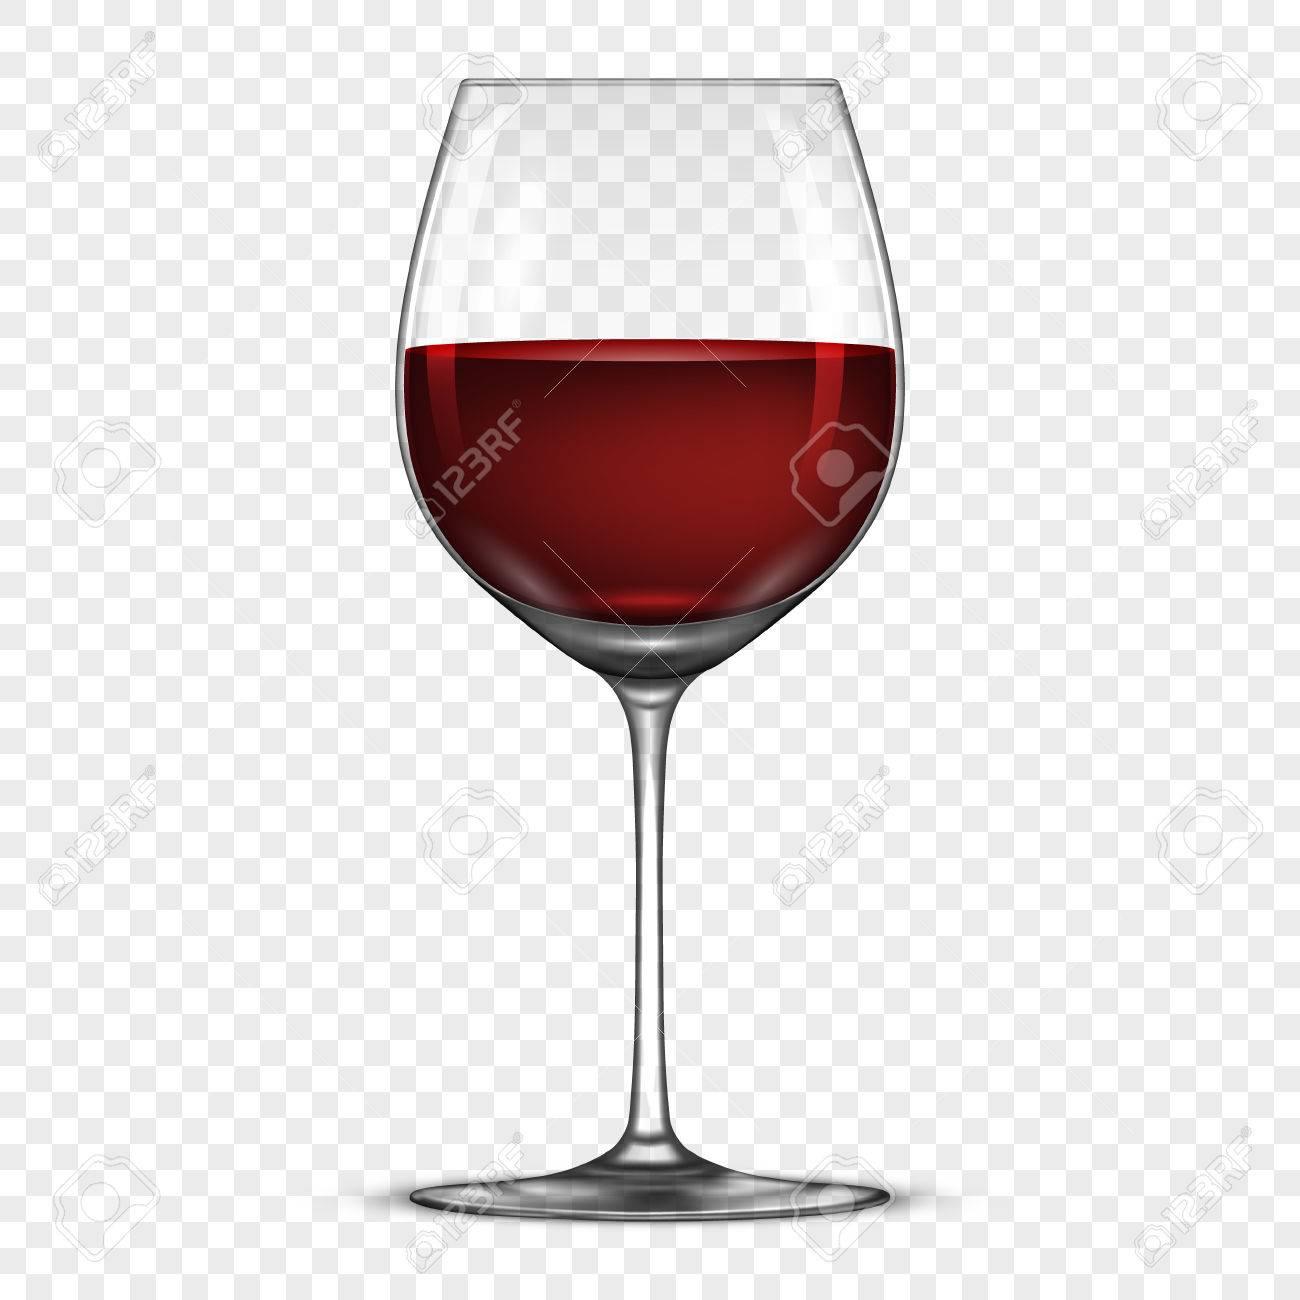 Verre à vin réaliste de vecteur avec l'icône du vin rouge isolé sur fond transparent. Modèle de conception en EPS10.